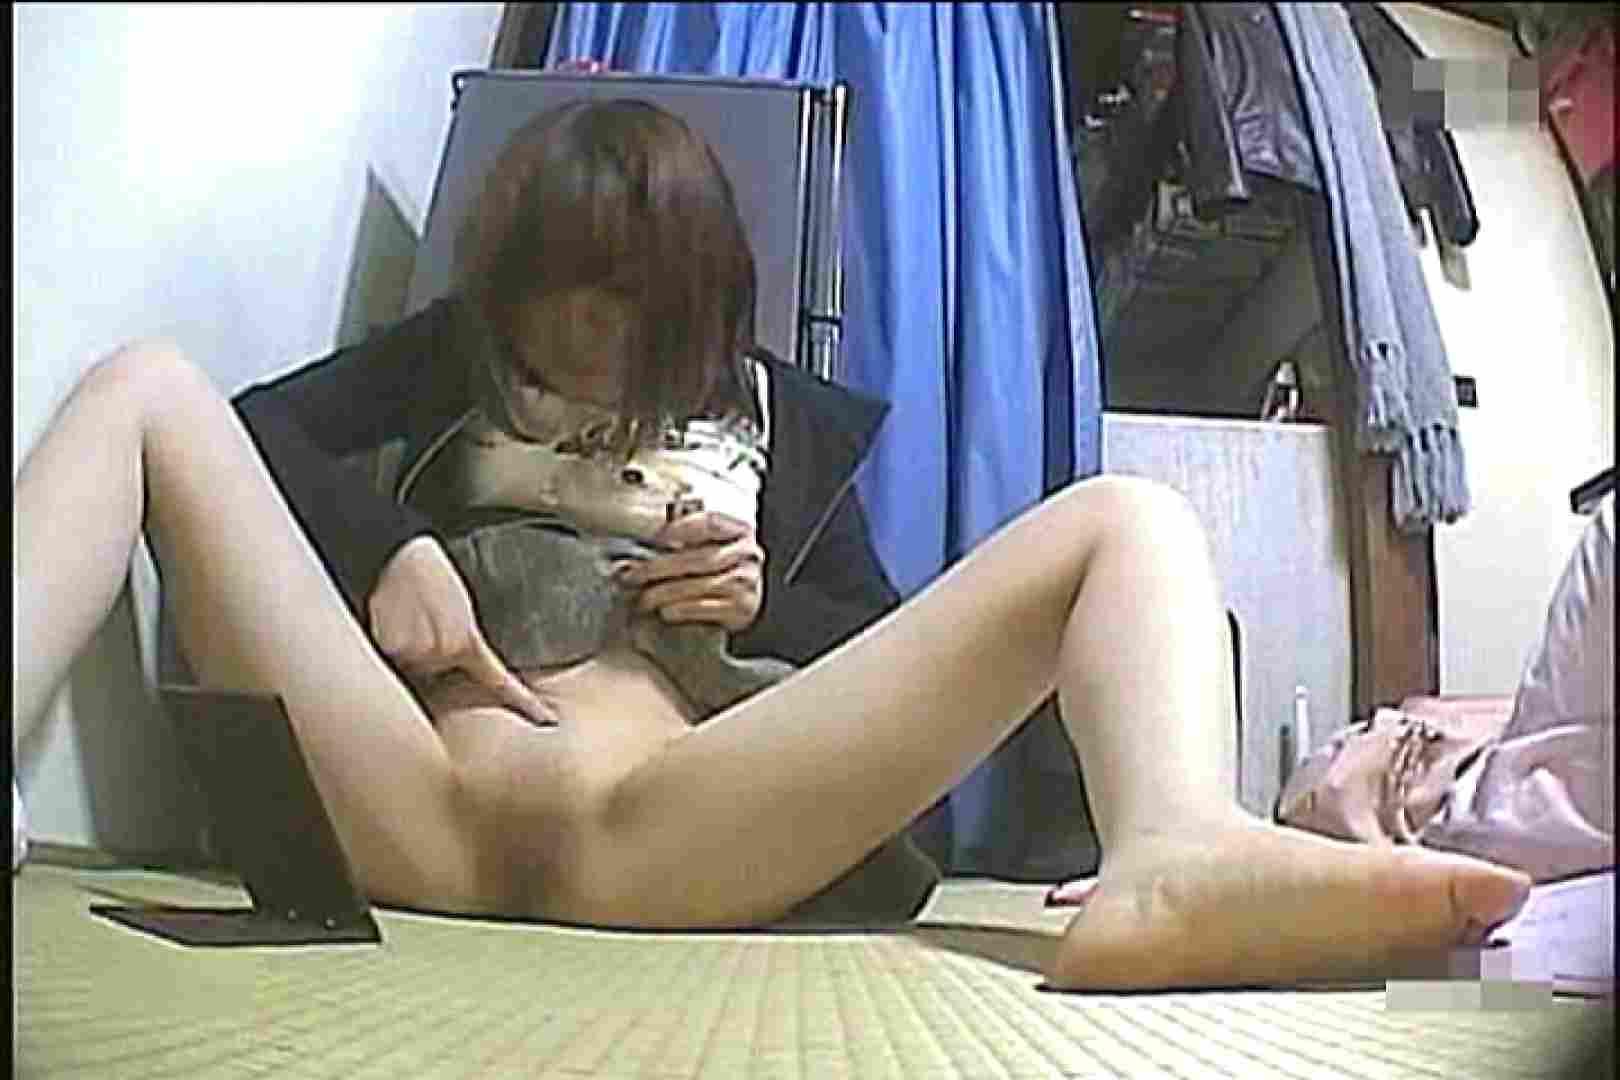 逝き過ぎ!!イケナイお姉さまVol.3 淫乱 アダルト動画キャプチャ 55画像 15